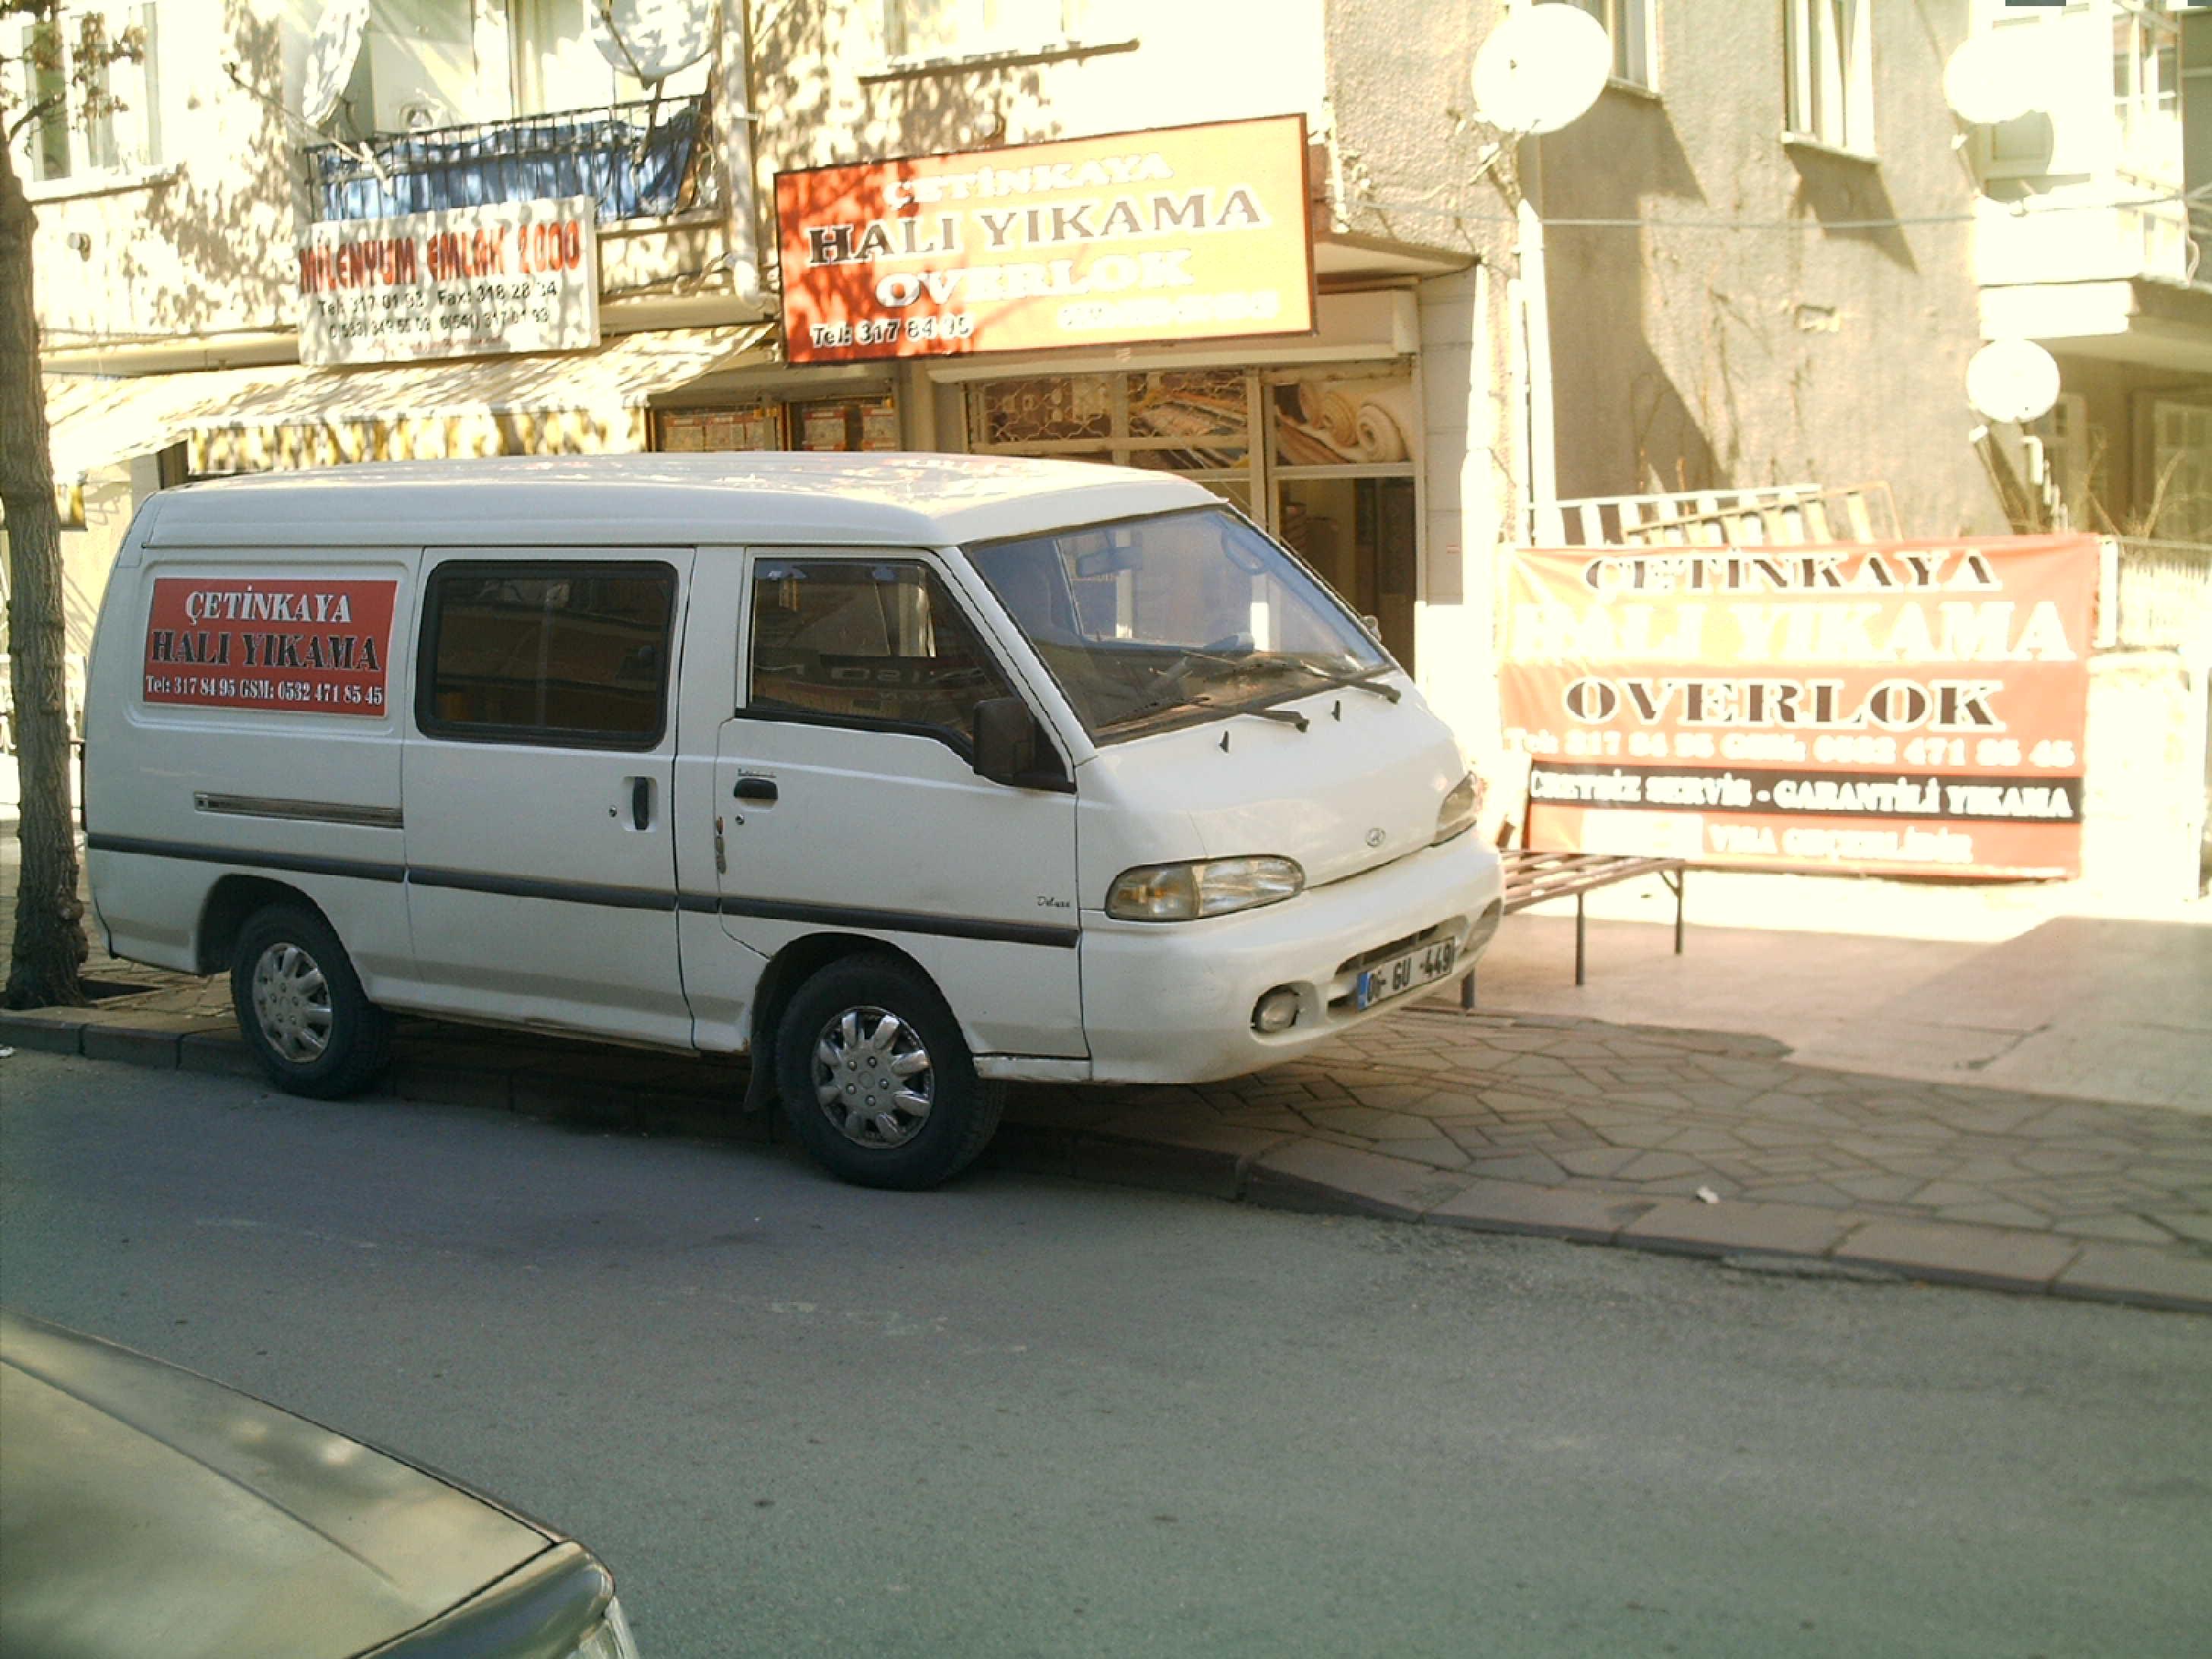 çiğiltepe_yikama_servis-1 (1)